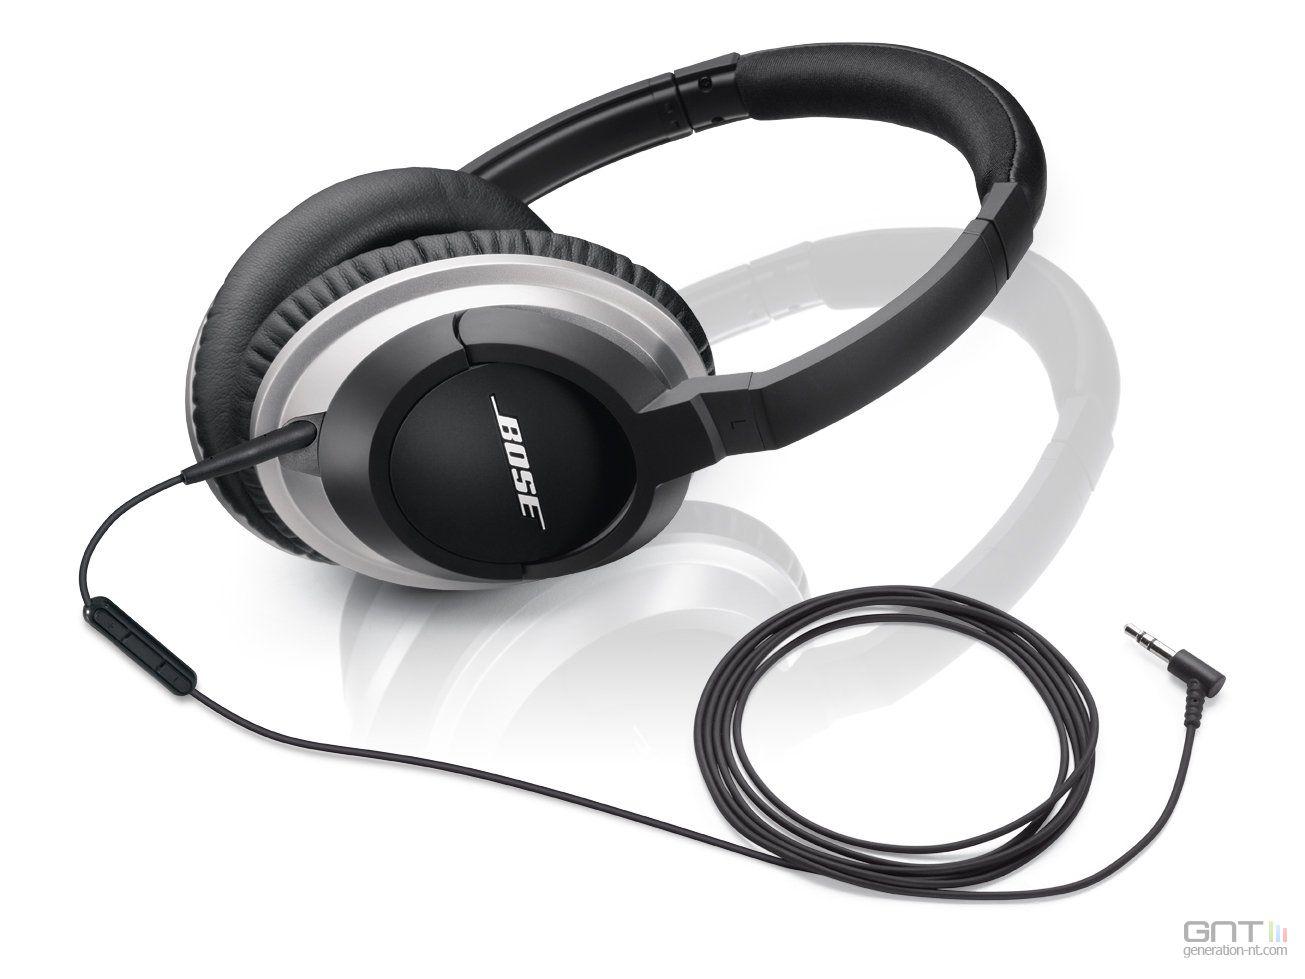 Bose Audio >> Casque Bose